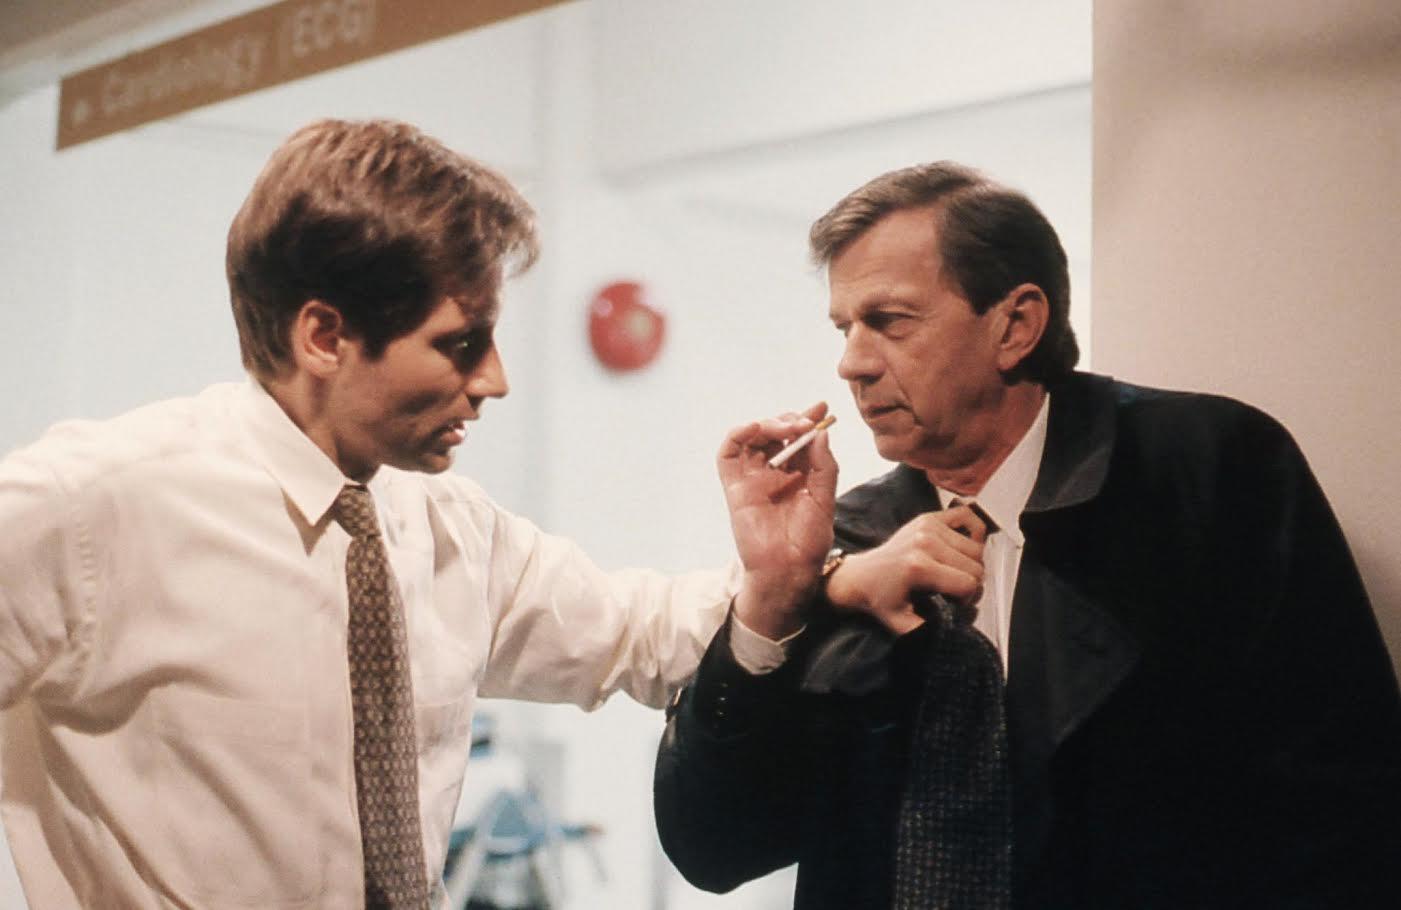 Arquivo X - David Duchovny como Fox Mulder